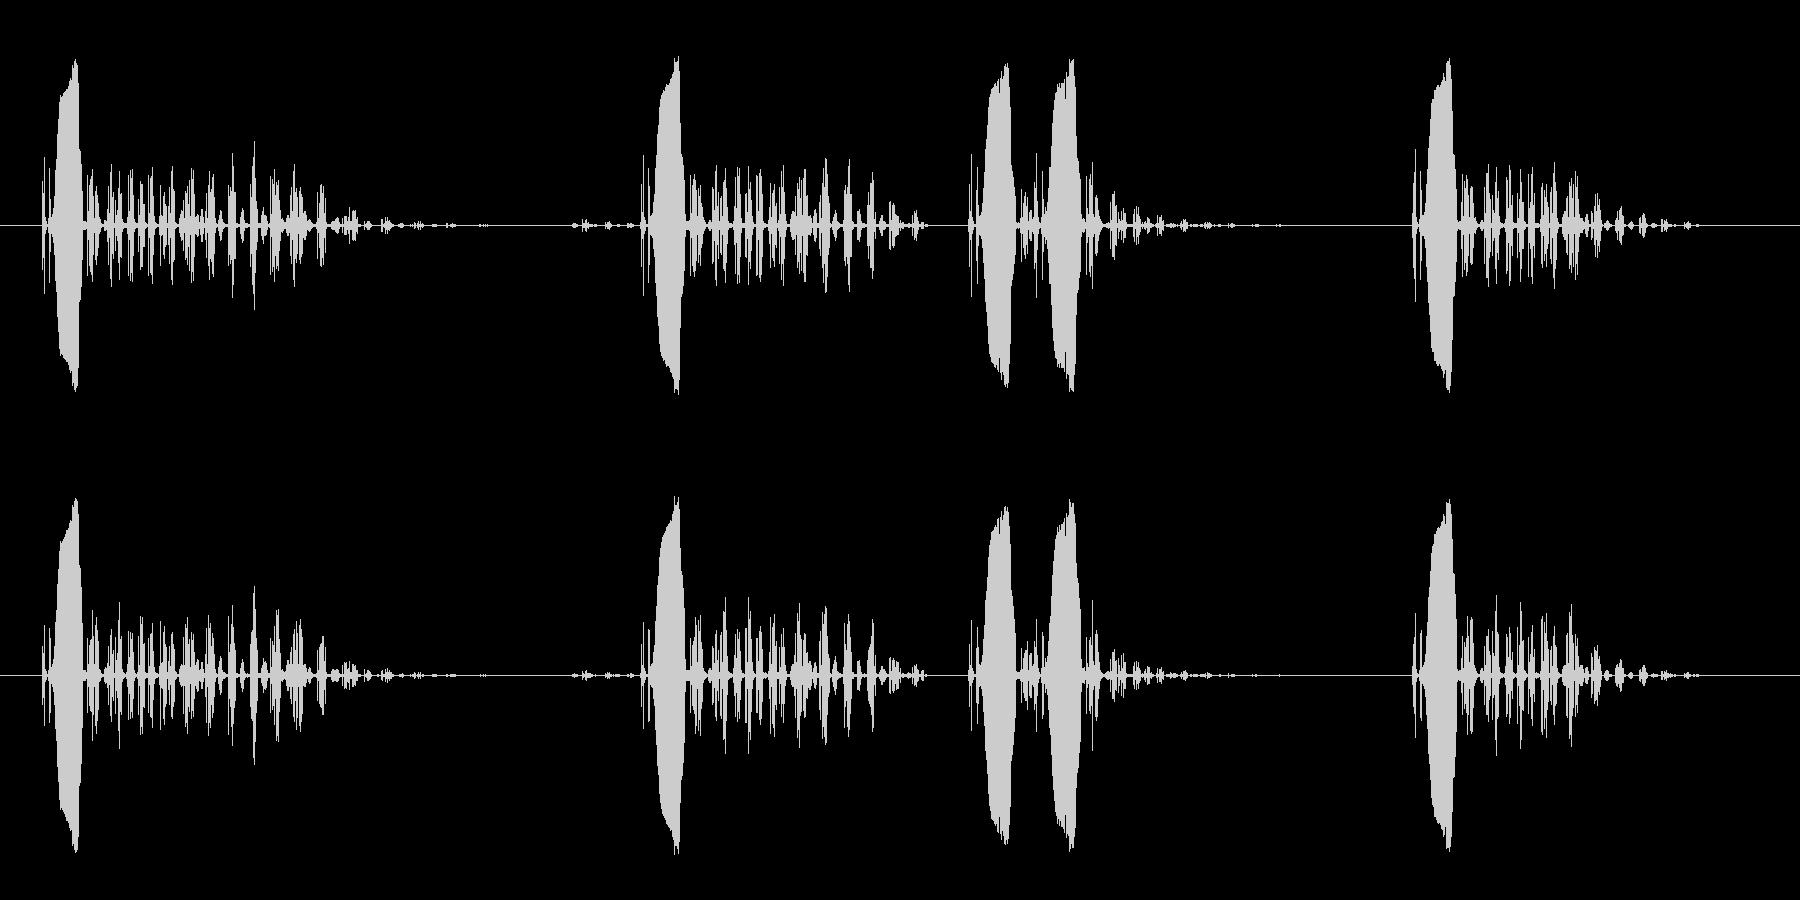 小鳥の鳴き声の効果音の未再生の波形